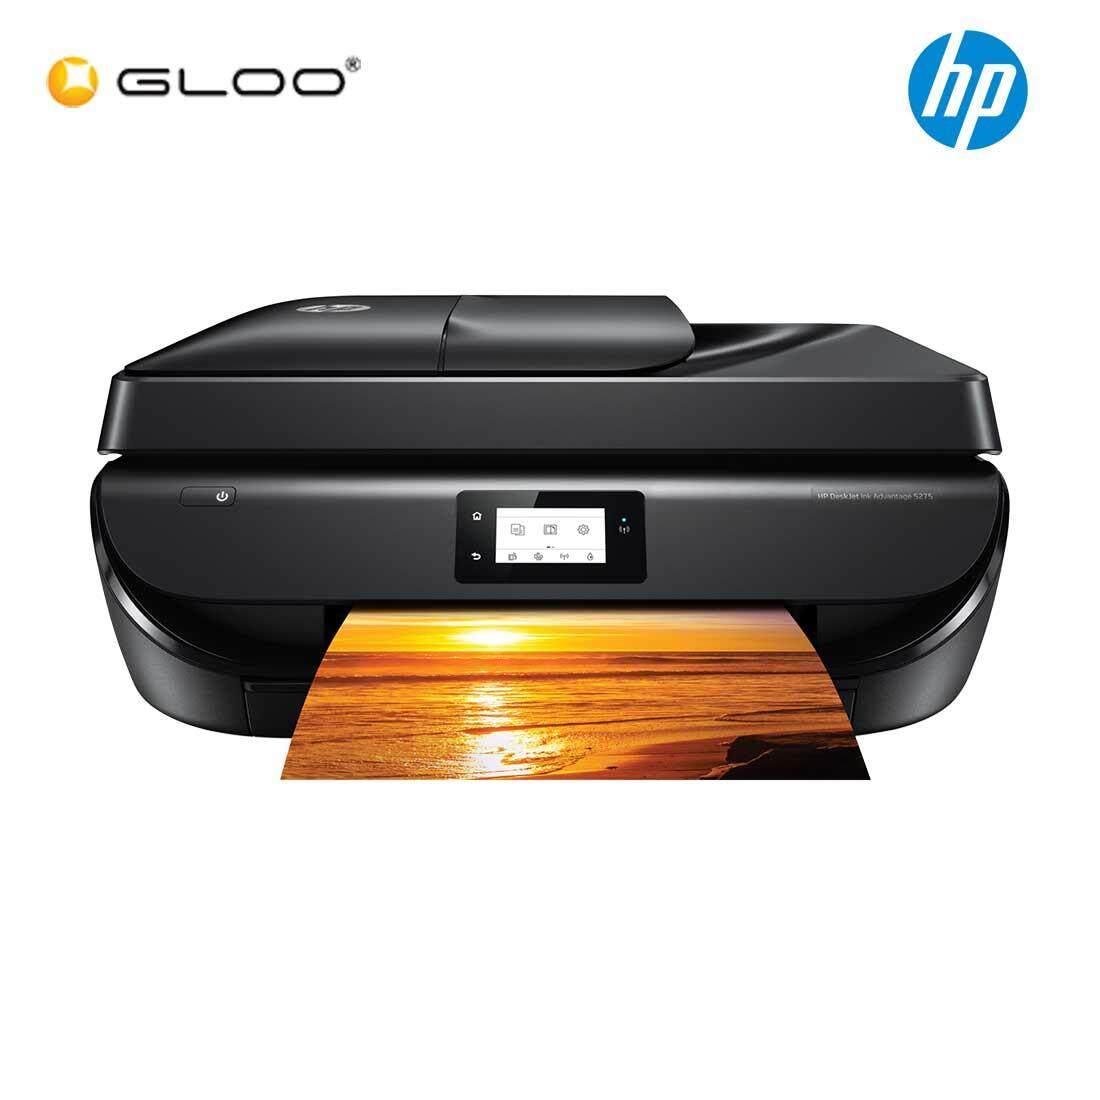 HP DeskJet Ink Advantage 5275 AIO (M2U76B) - Black